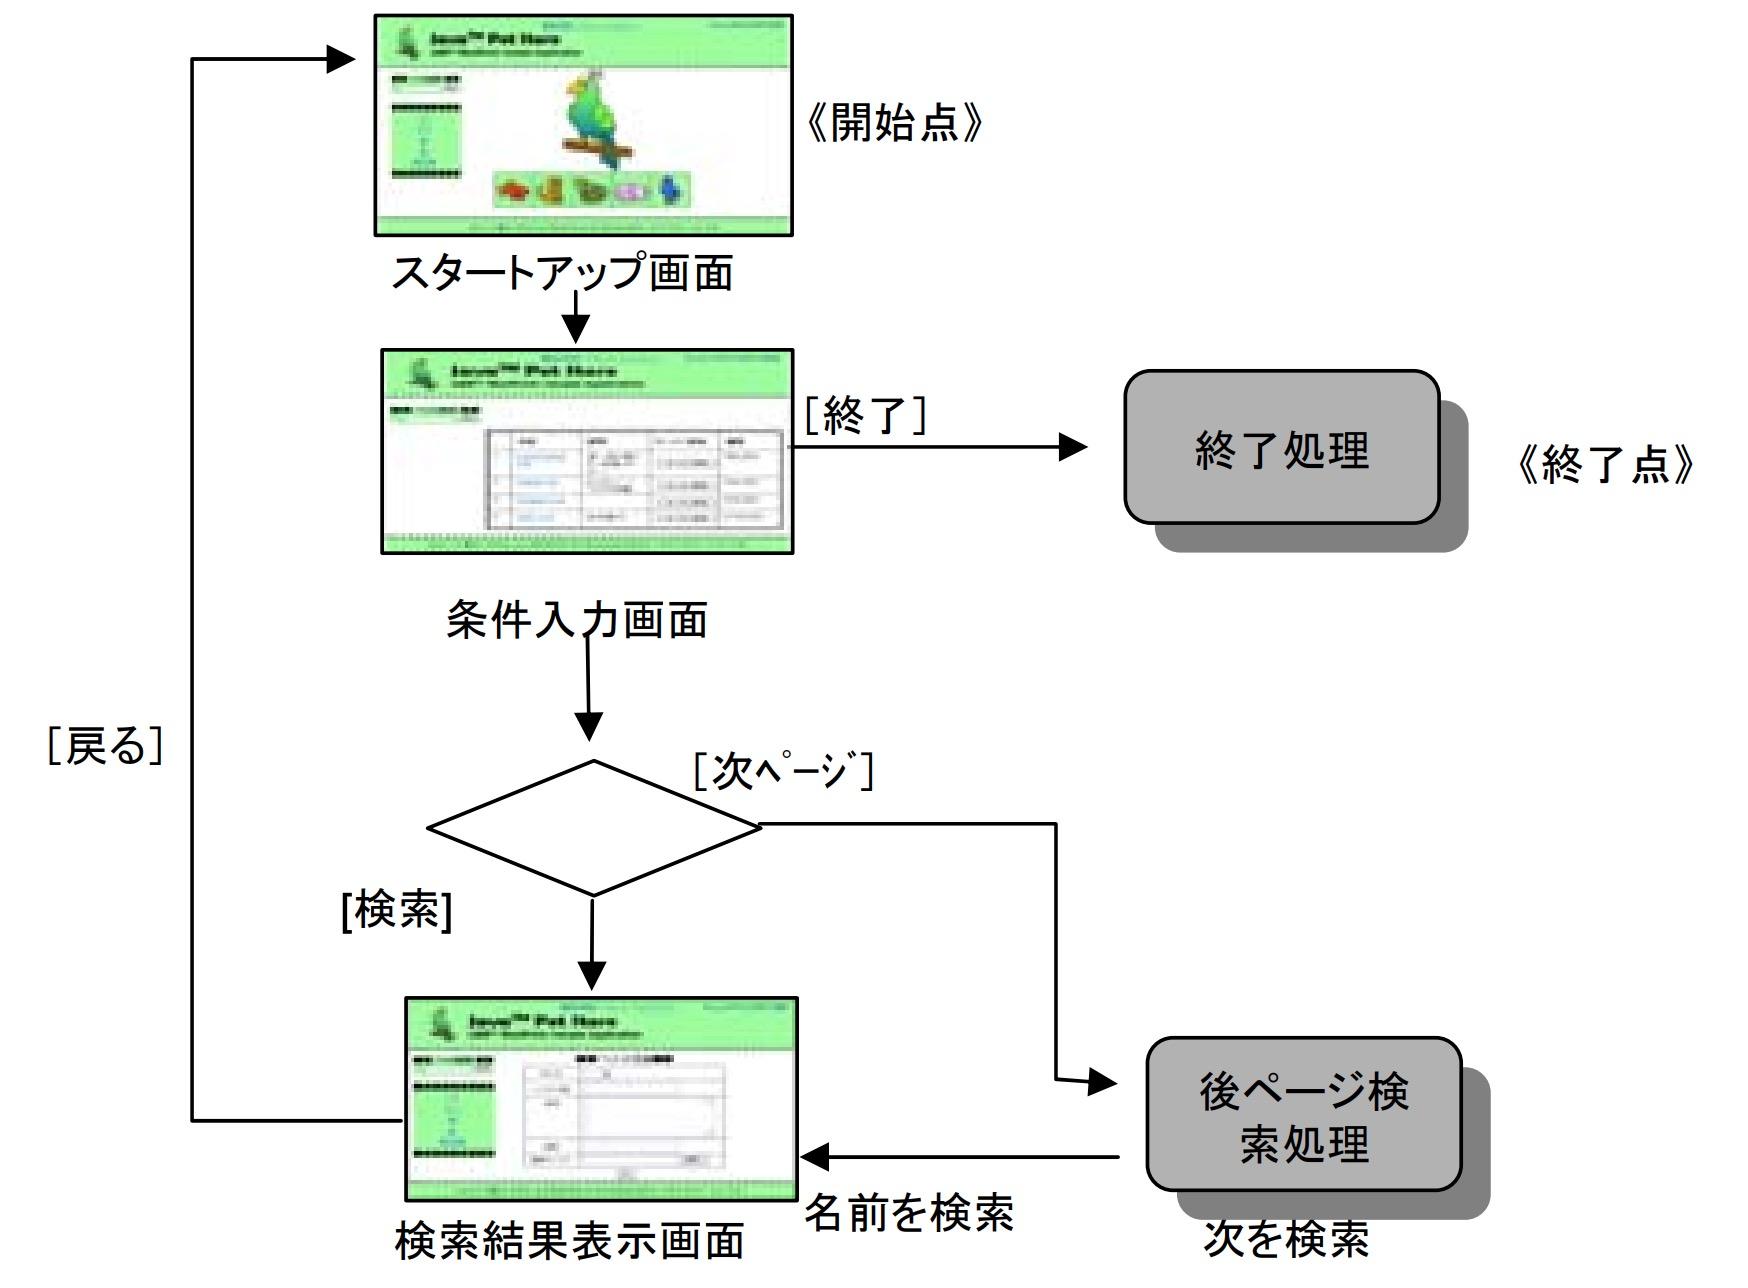 画面遷移図(サンプル)